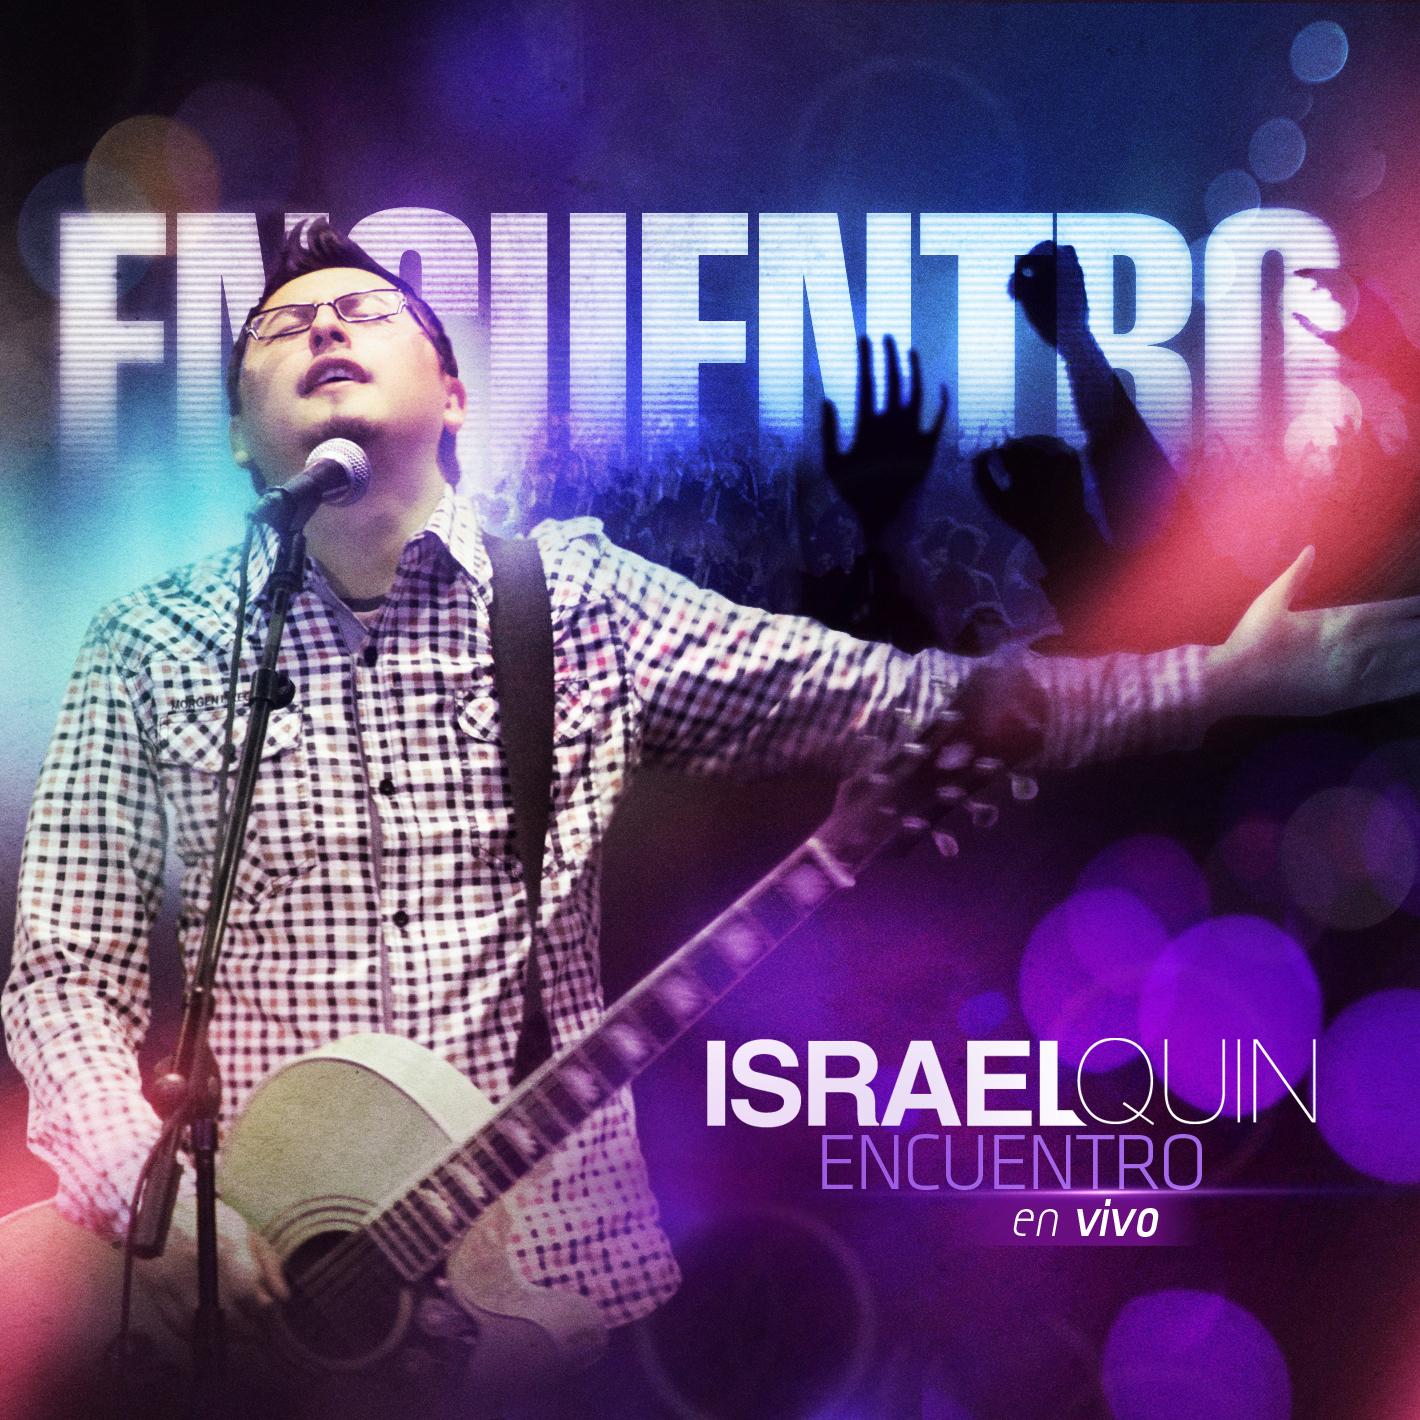 Música de Israel Quin